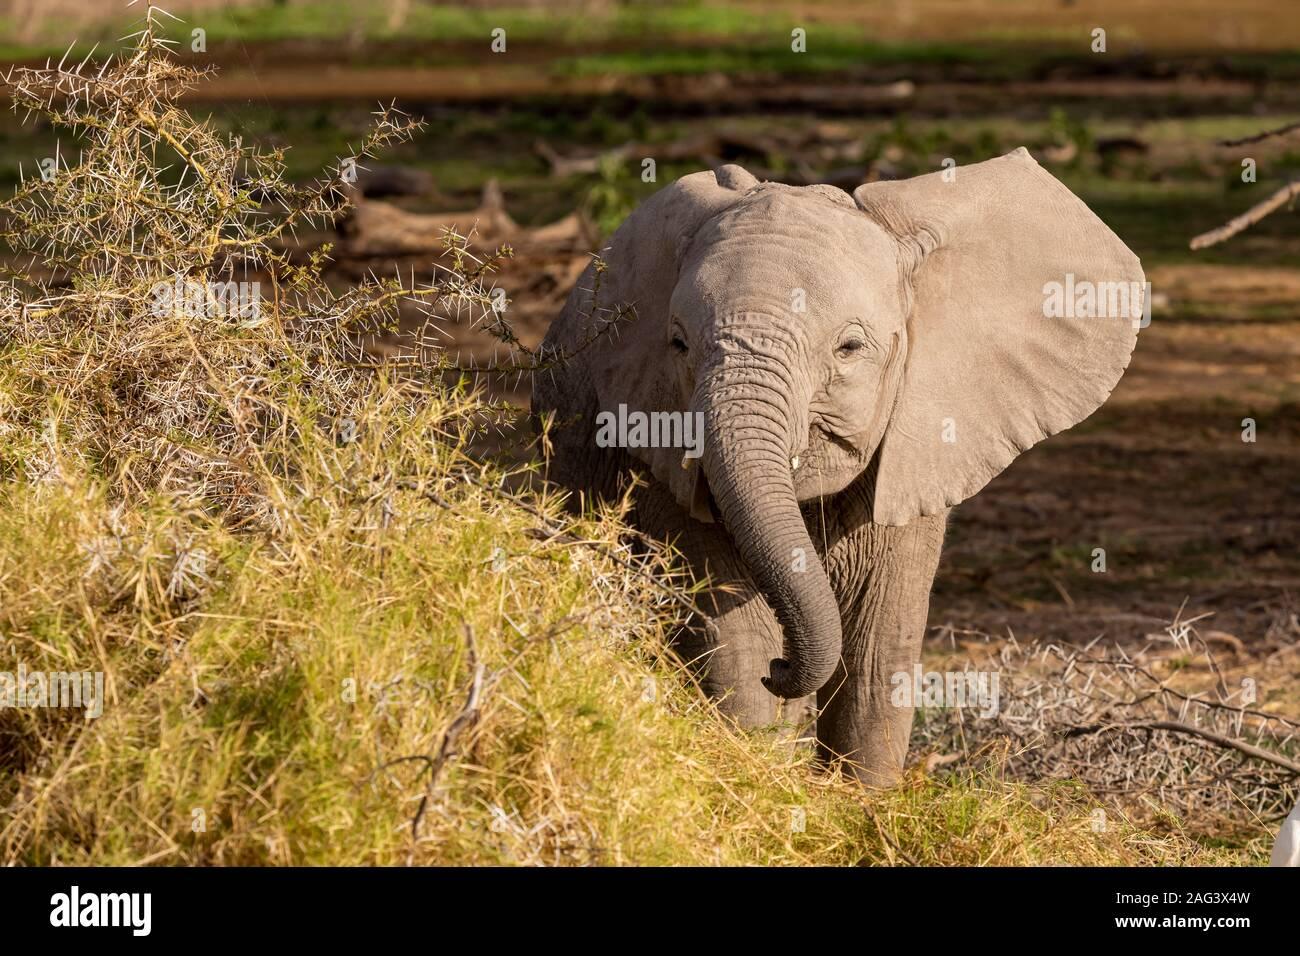 L'éléphant africain (Loxodonta africana) alimentation des veaux dans un acacia dans le Parc national Amboseli, Kenya Banque D'Images